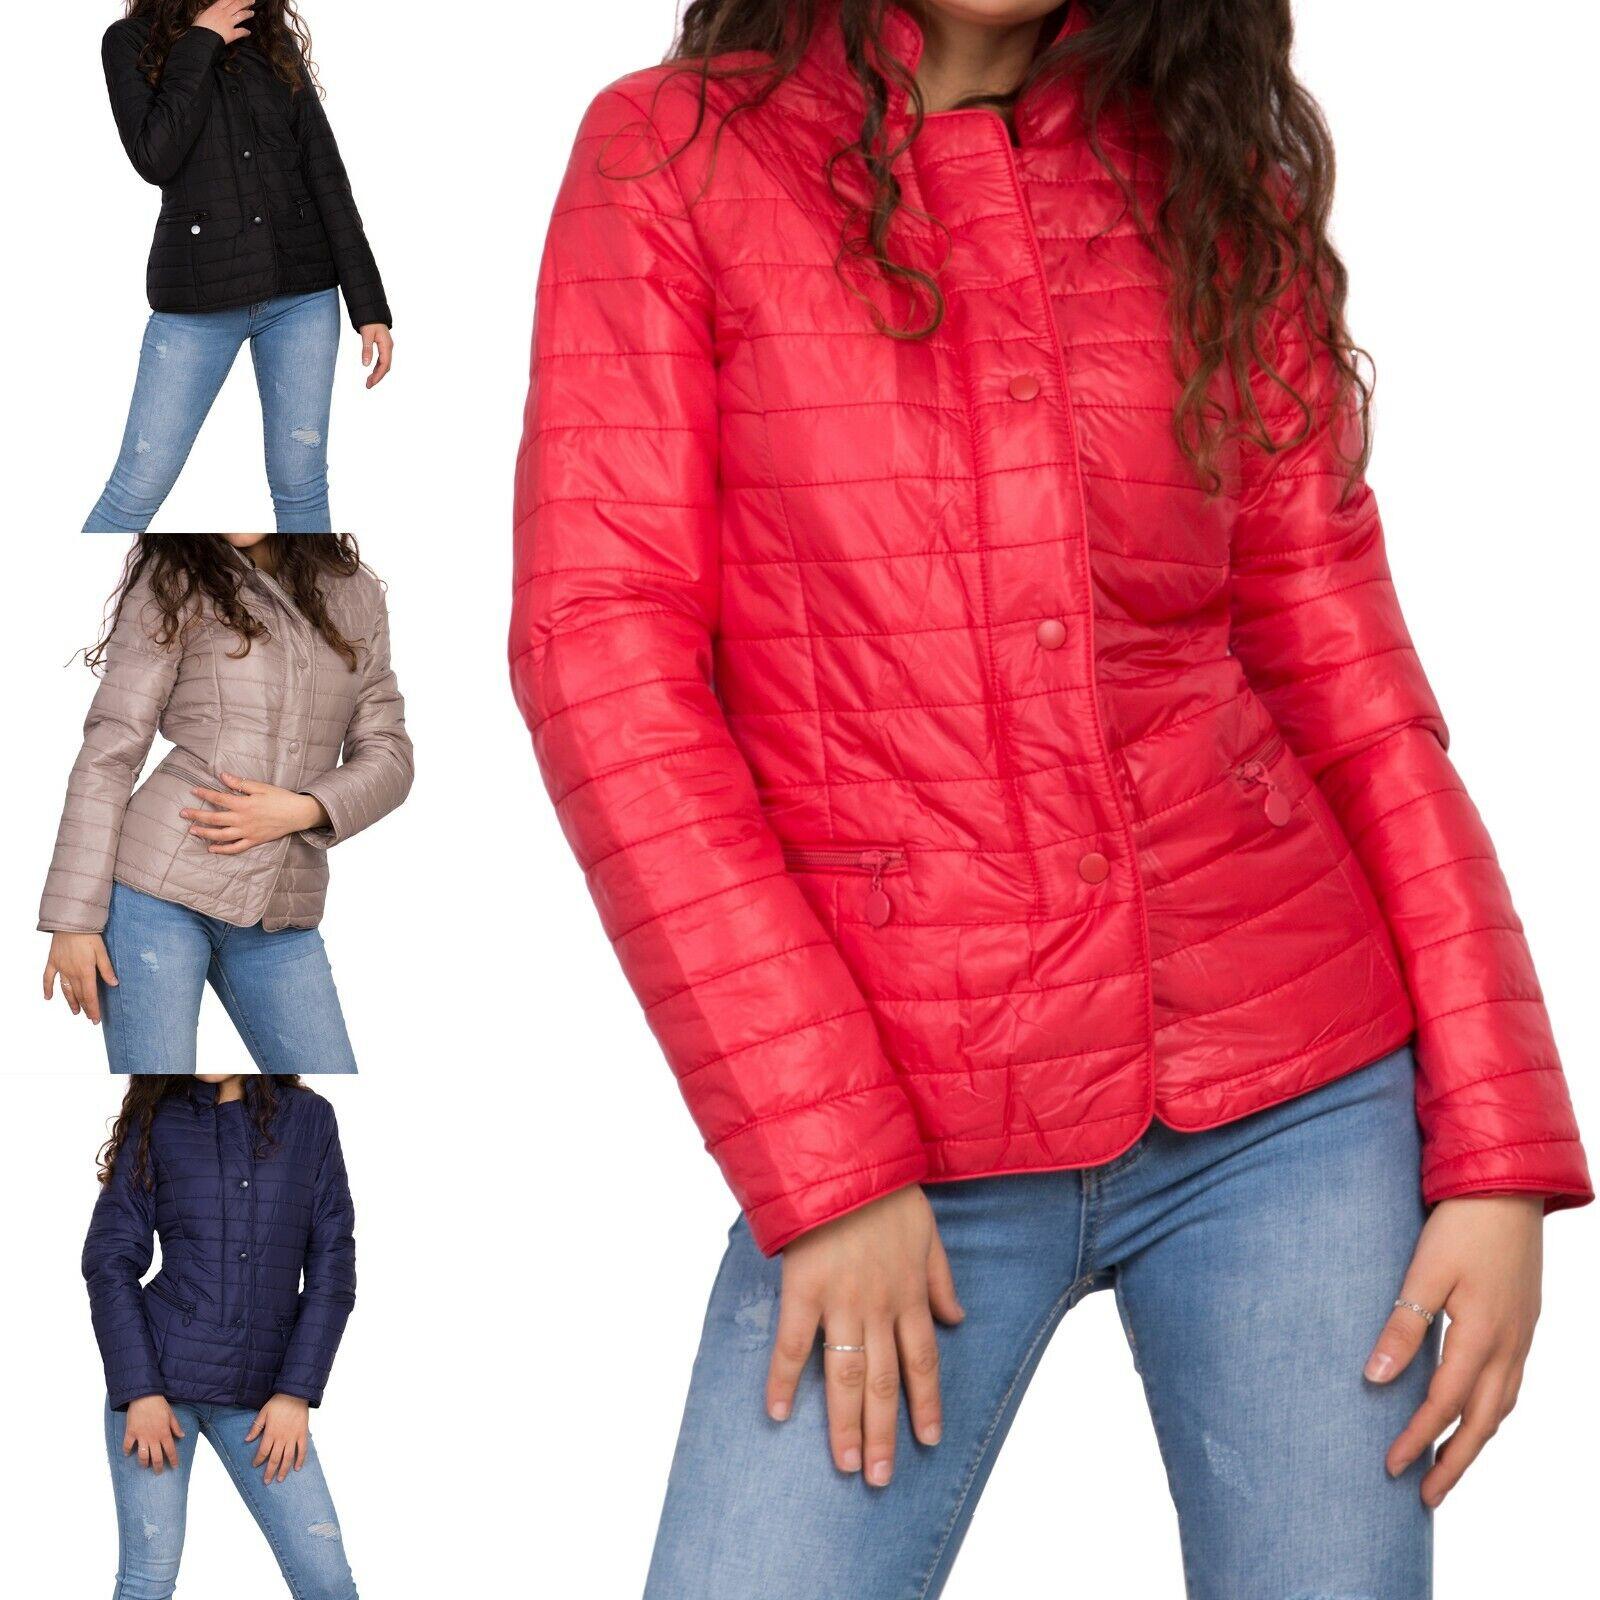 7525f7607abb Giacca donna 100 grammi piumino trapuntato bottoni taglie comode oversize  c-145.